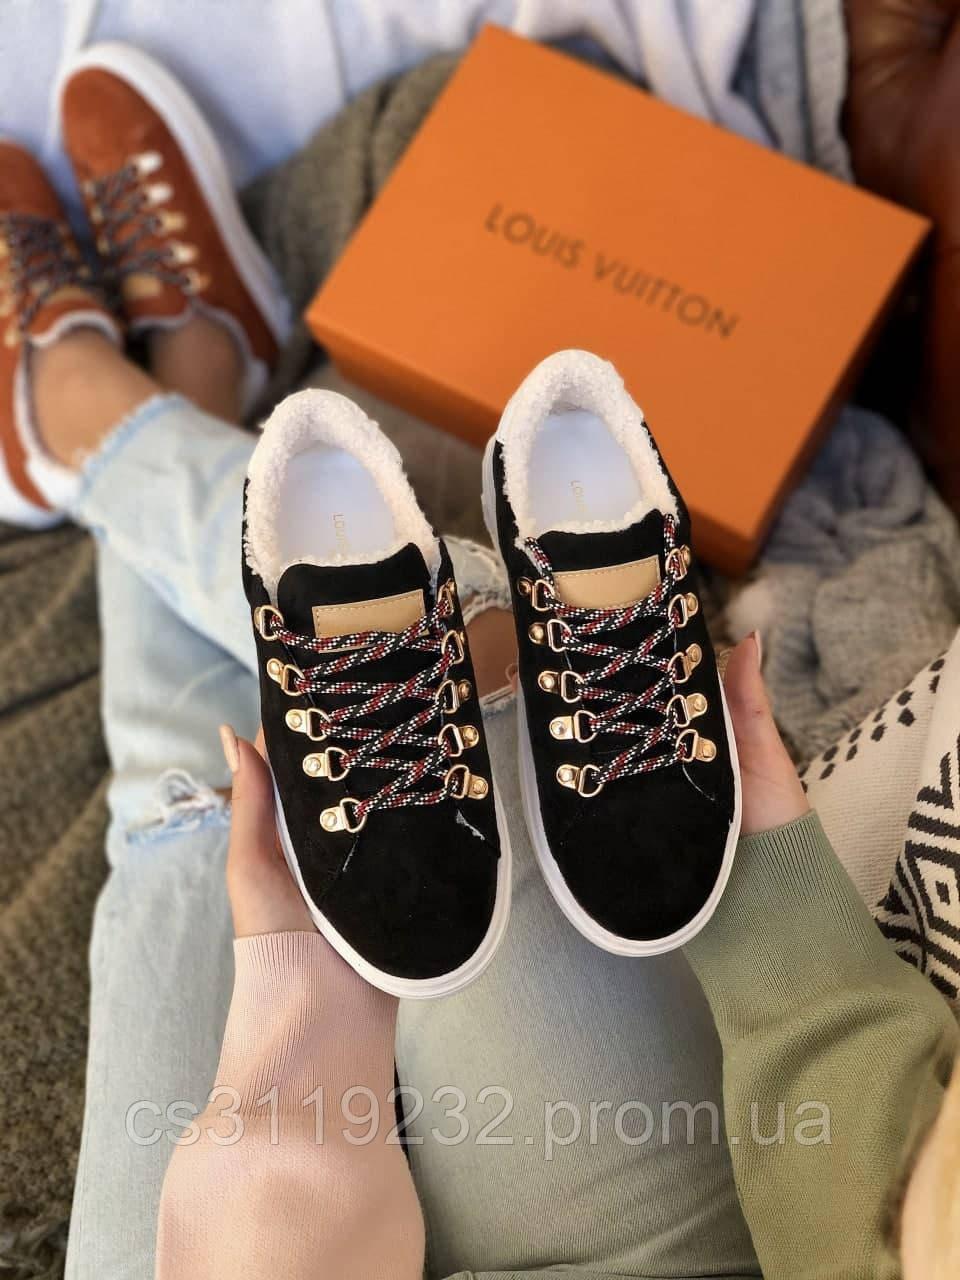 Женские кроссовки зимние Louis Vuitton TIME OUT ESCALE (черные)